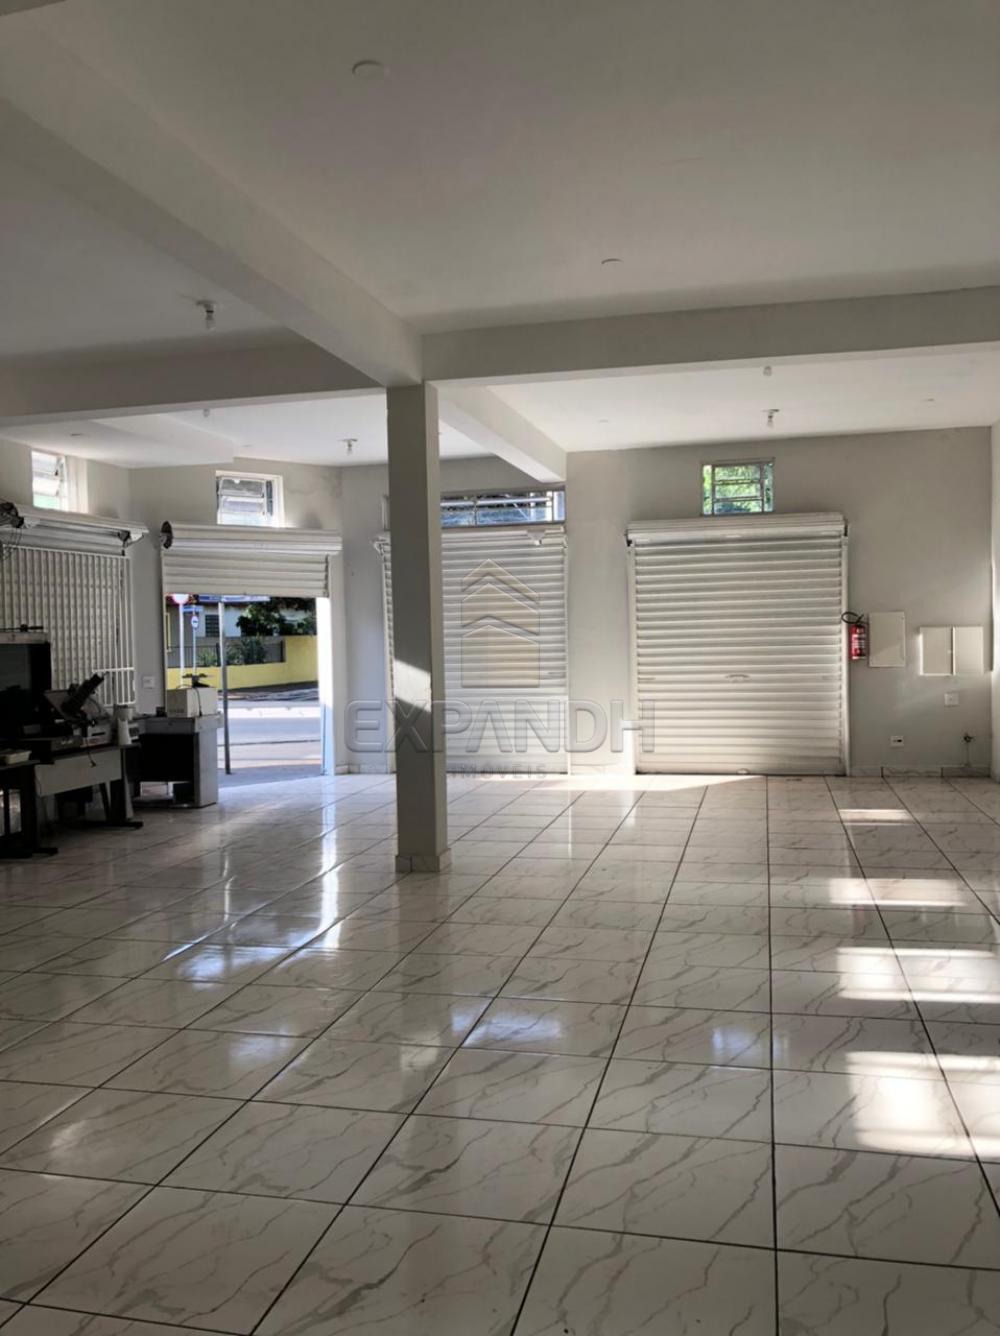 Alugar Casas / Padrão em Sertãozinho R$ 8.000,00 - Foto 3